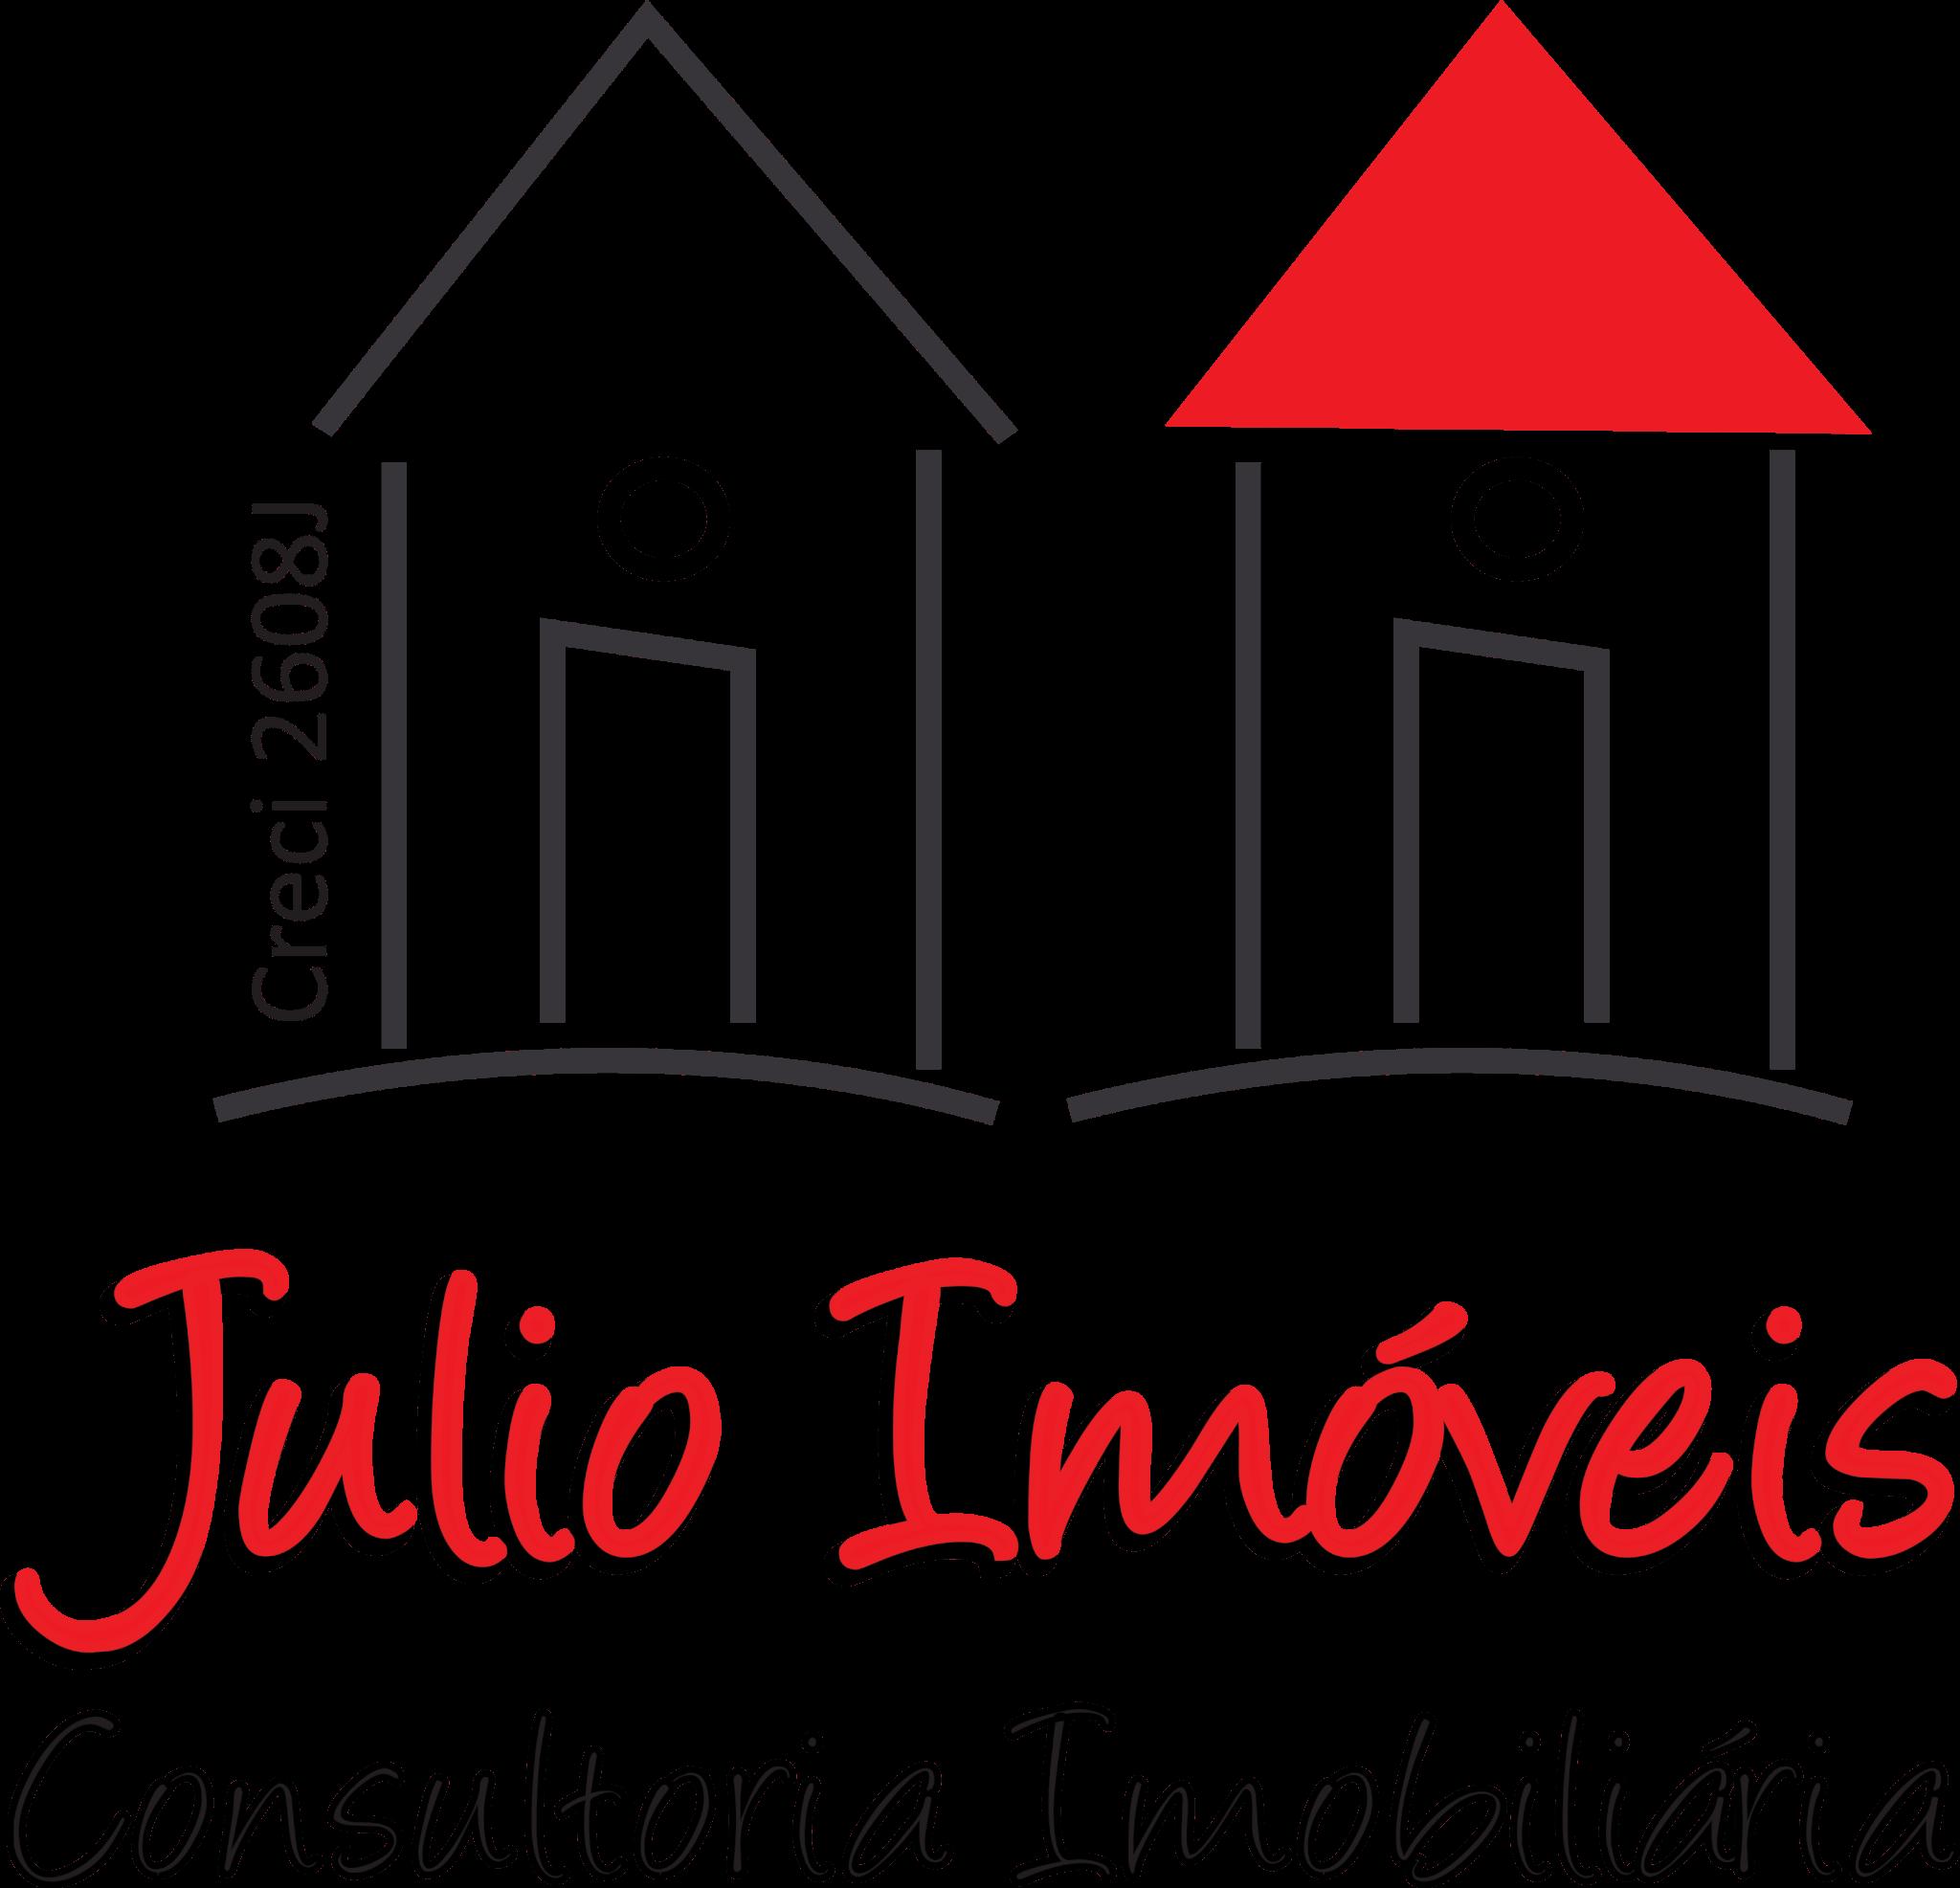 julio-imoveis-logo